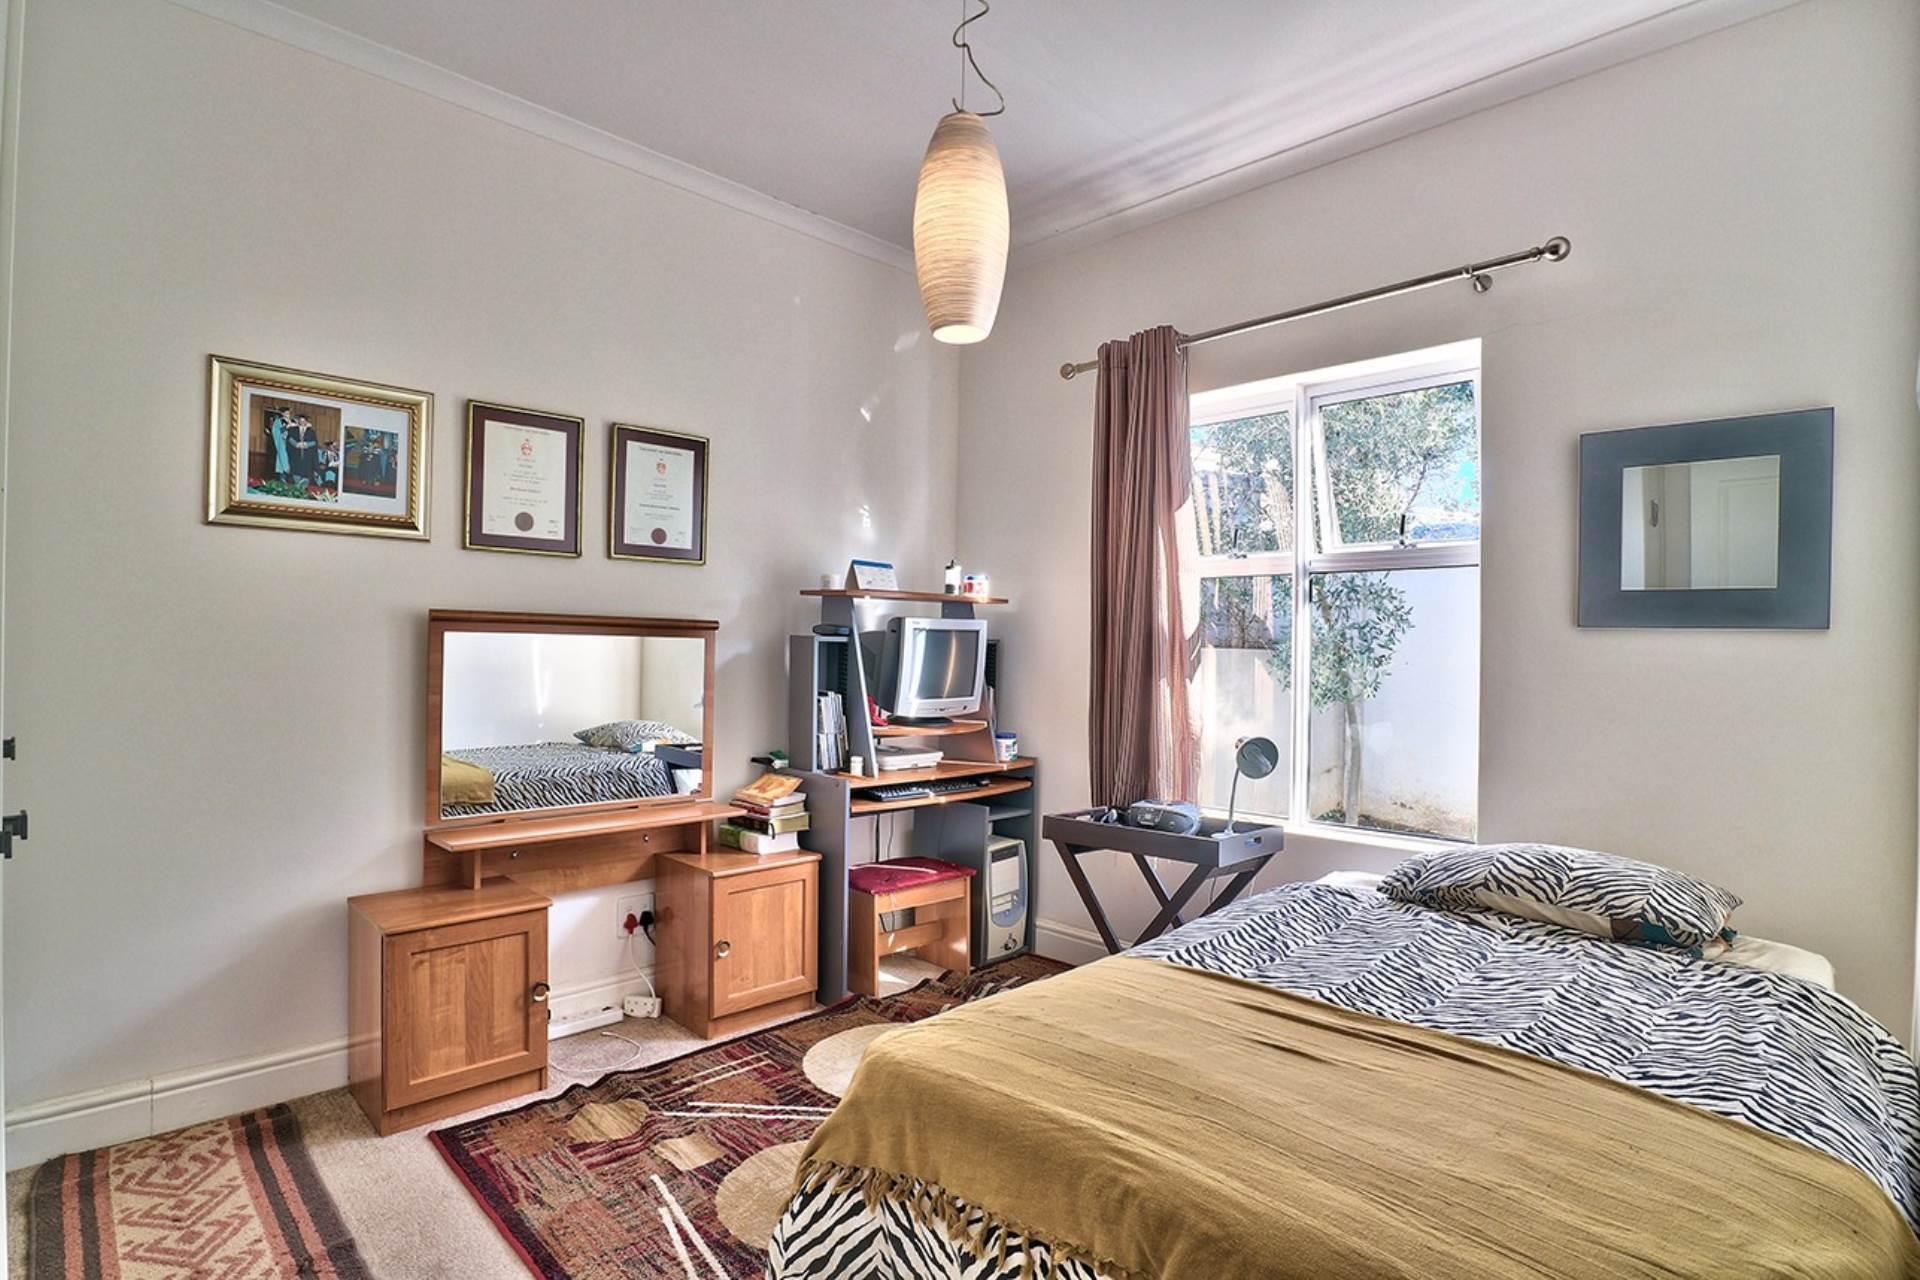 Avalon Estate property for sale. Ref No: 13537748. Picture no 12